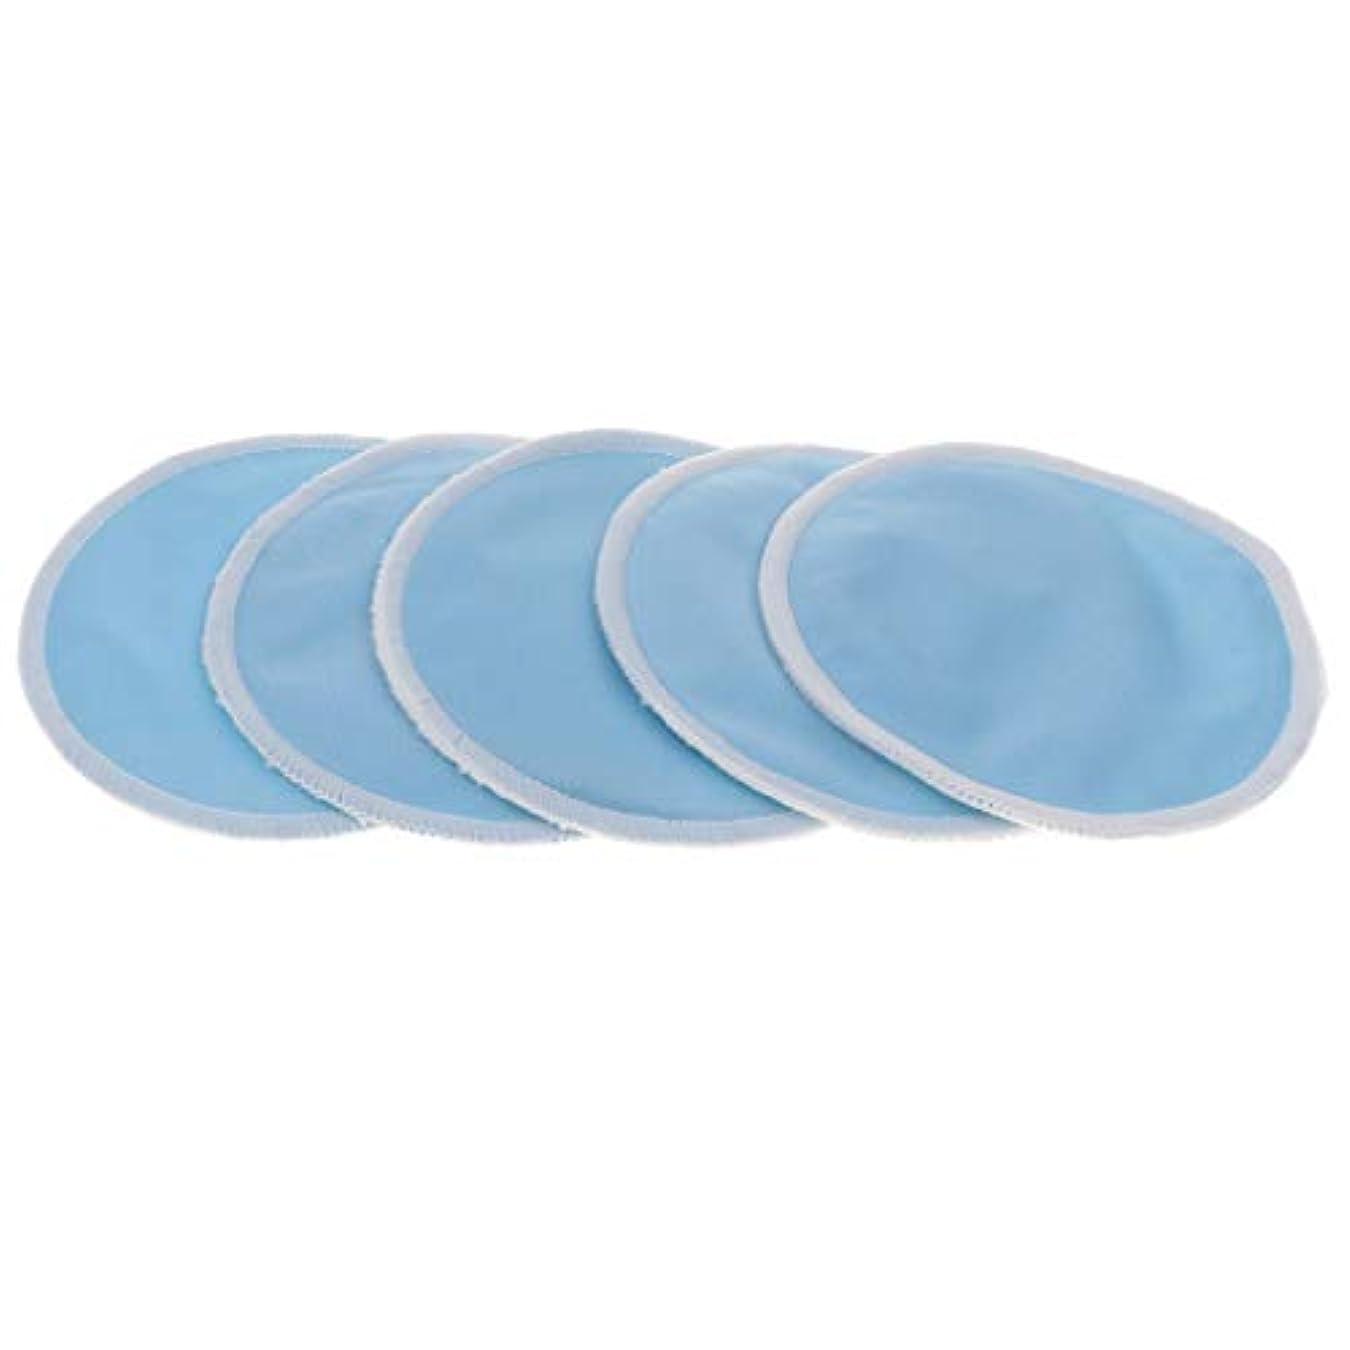 違法薬局簡略化するF Fityle 胸パッド クレンジングシート メイクアップ 竹繊維 円形 12cm 洗濯可能 再使用可 5個 全5色 - 青